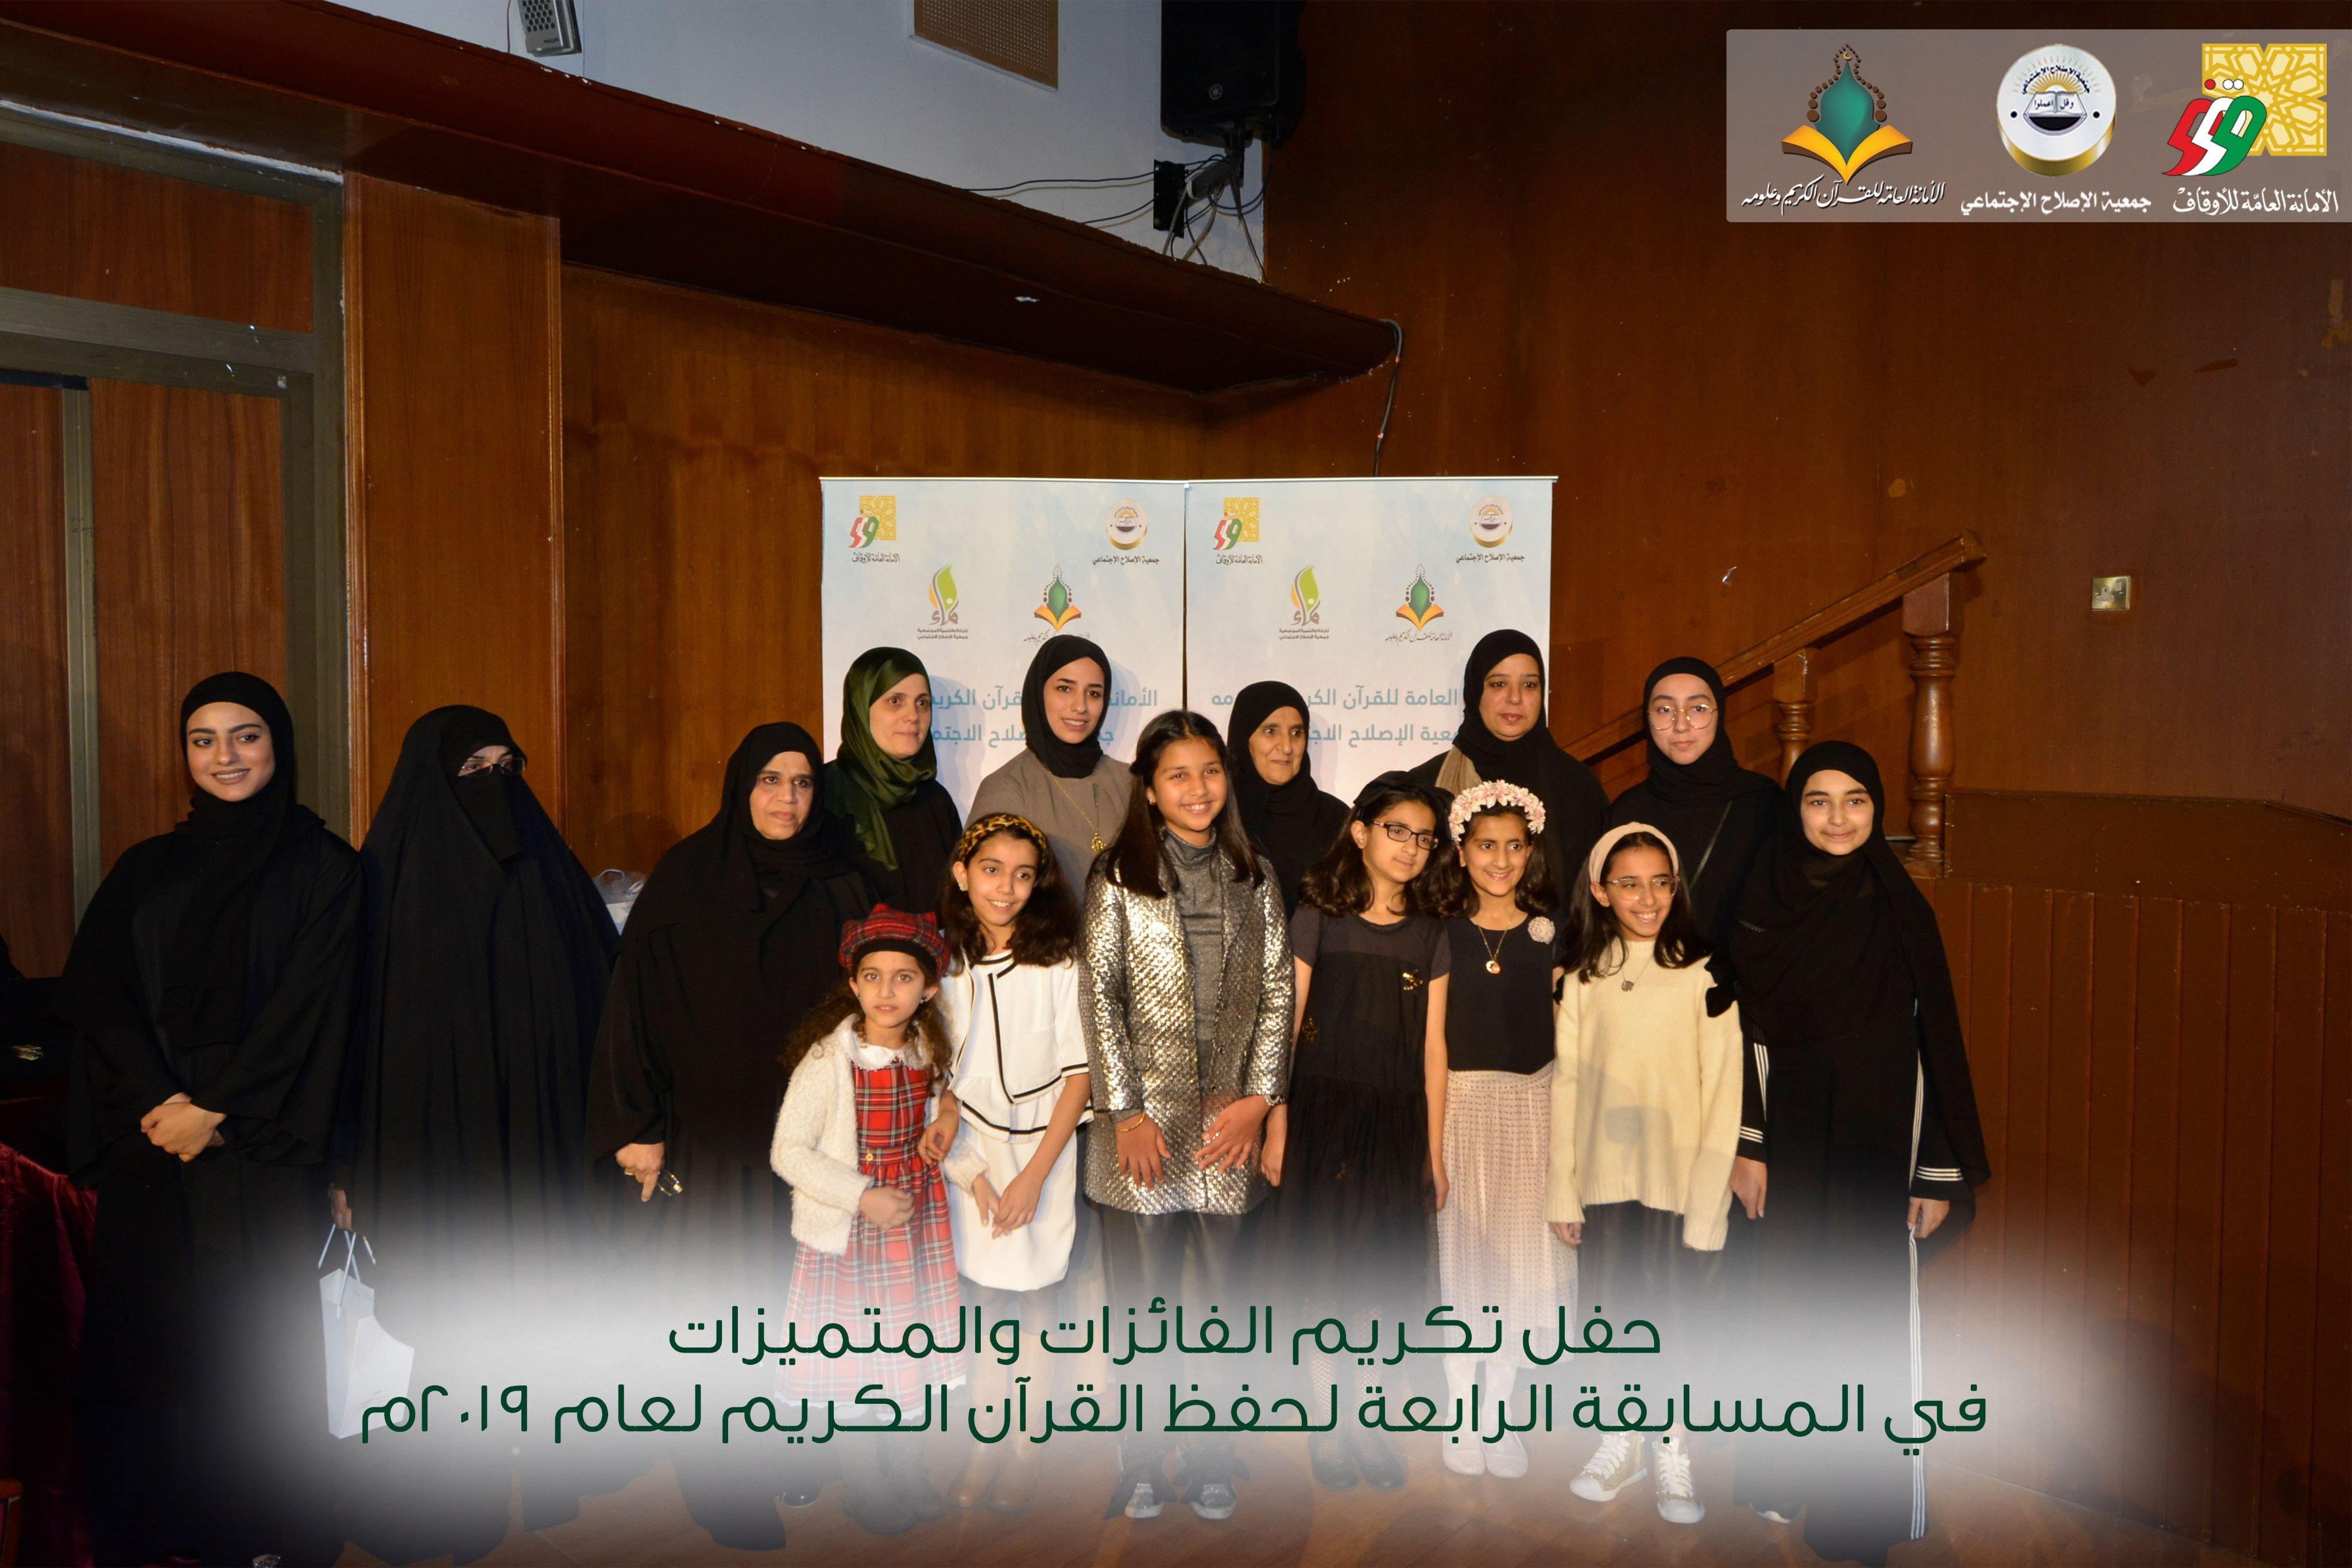 حفل تكريم الفائزات والمتميزات في مسابقة القرآن الكريم